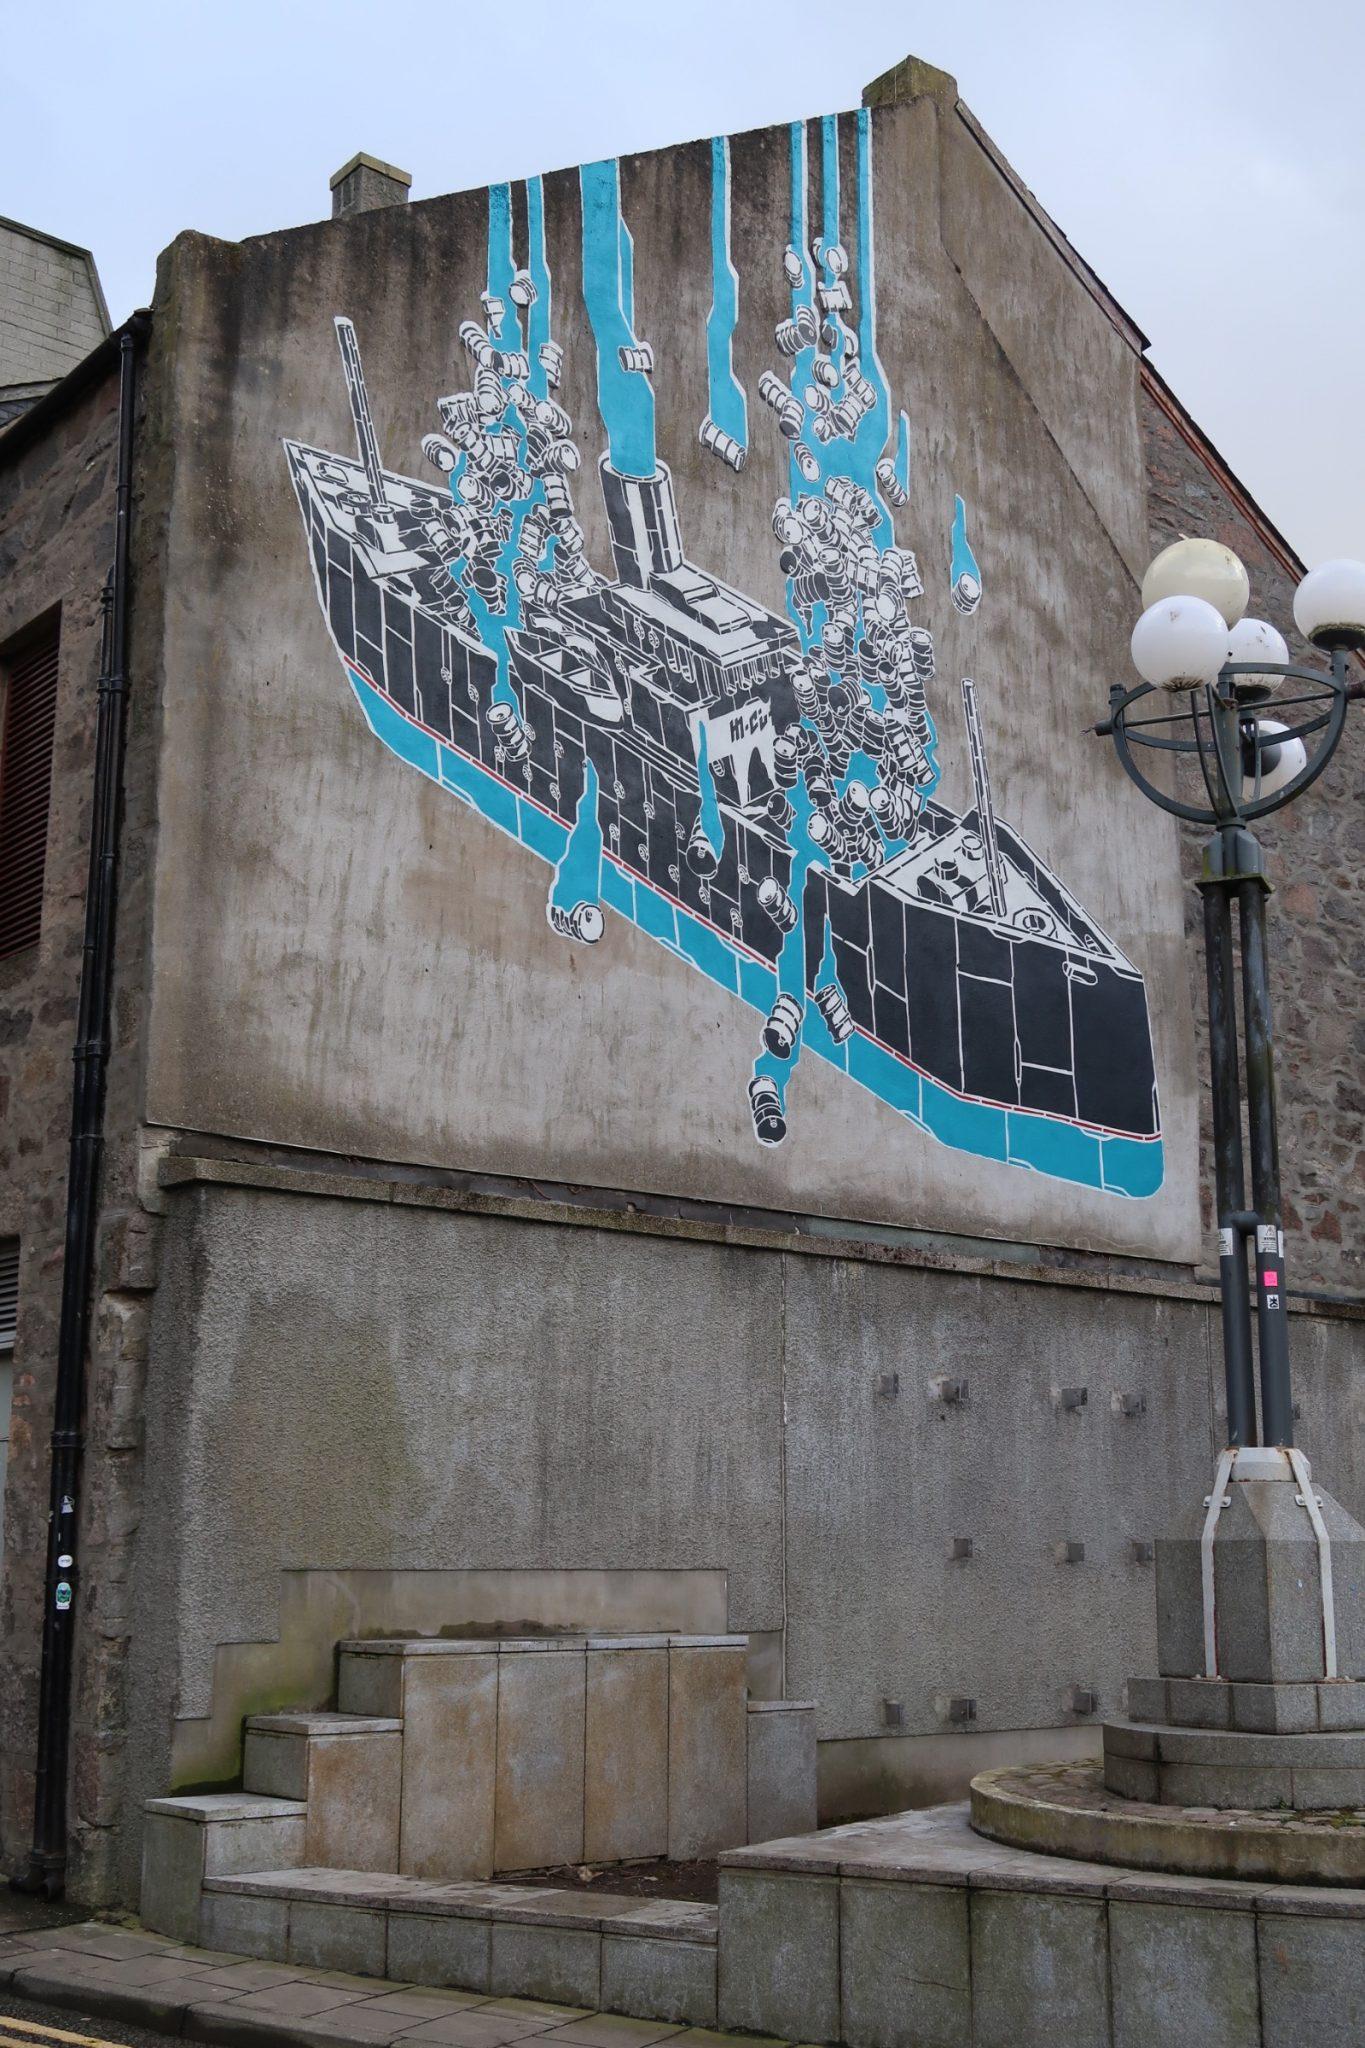 Nuart Aberdeen City Centre Street Art